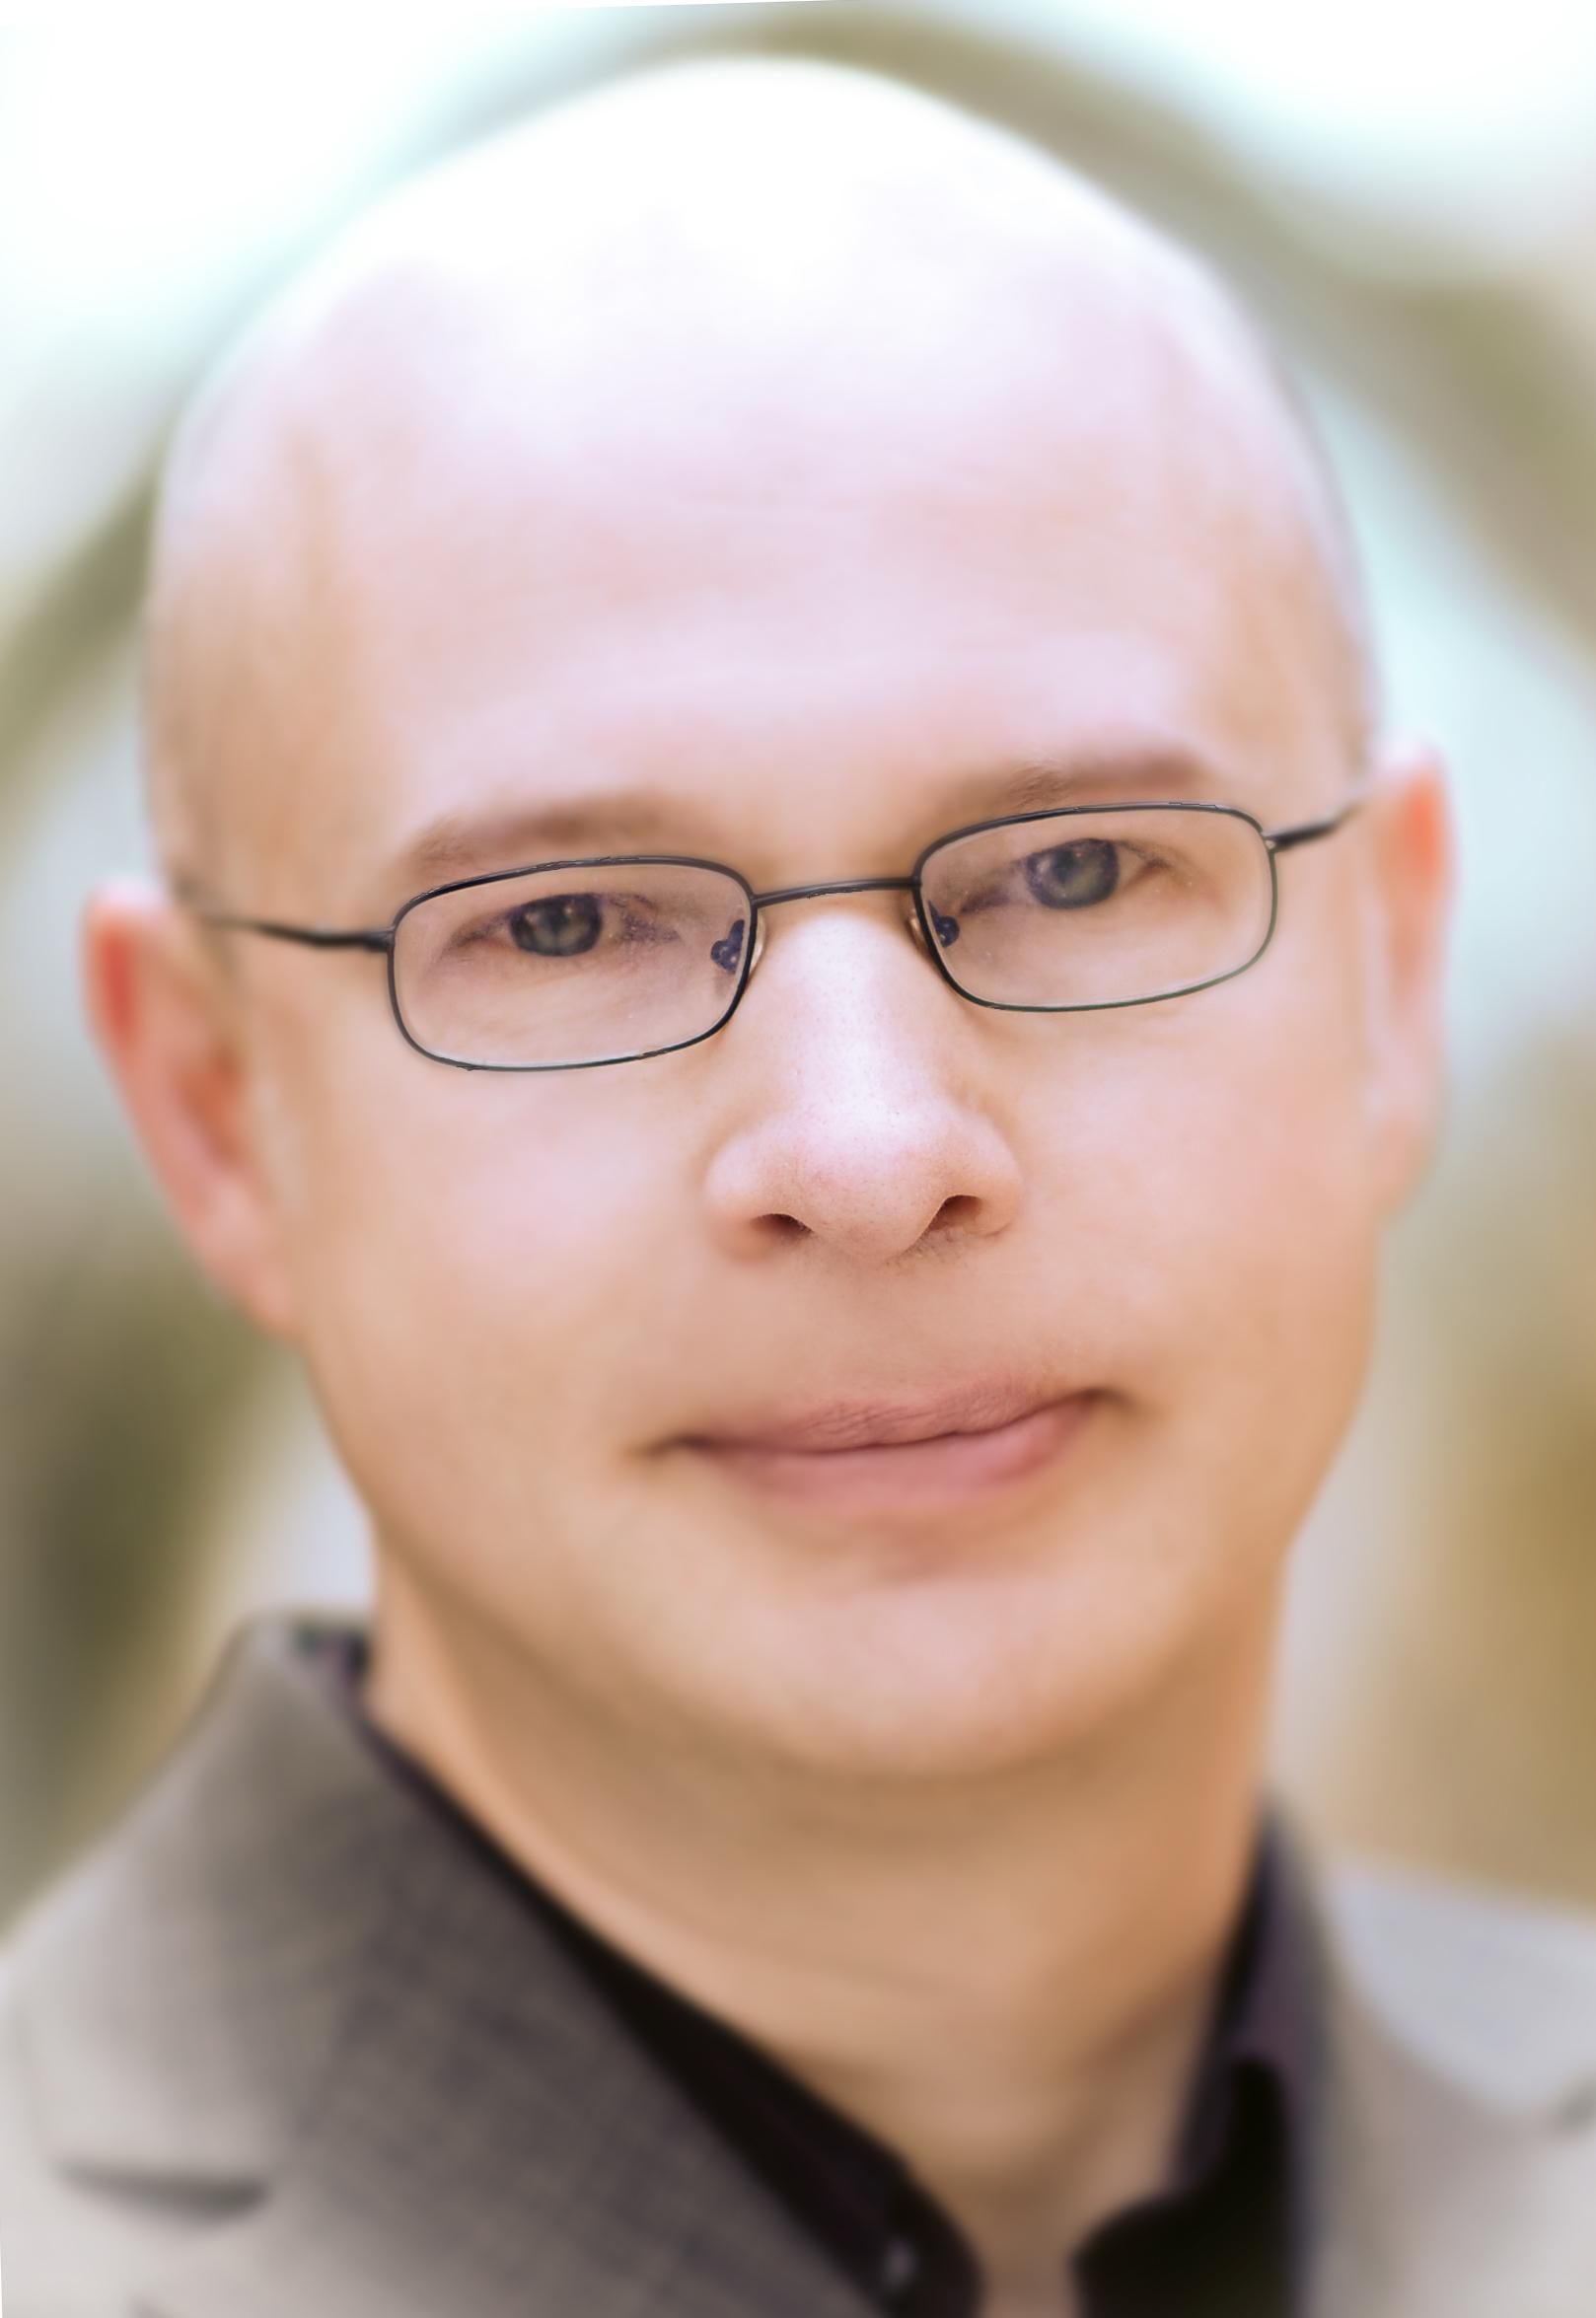 Die Anti-Eifersucht-Hypnose | Dr. phil. Elmar Basse